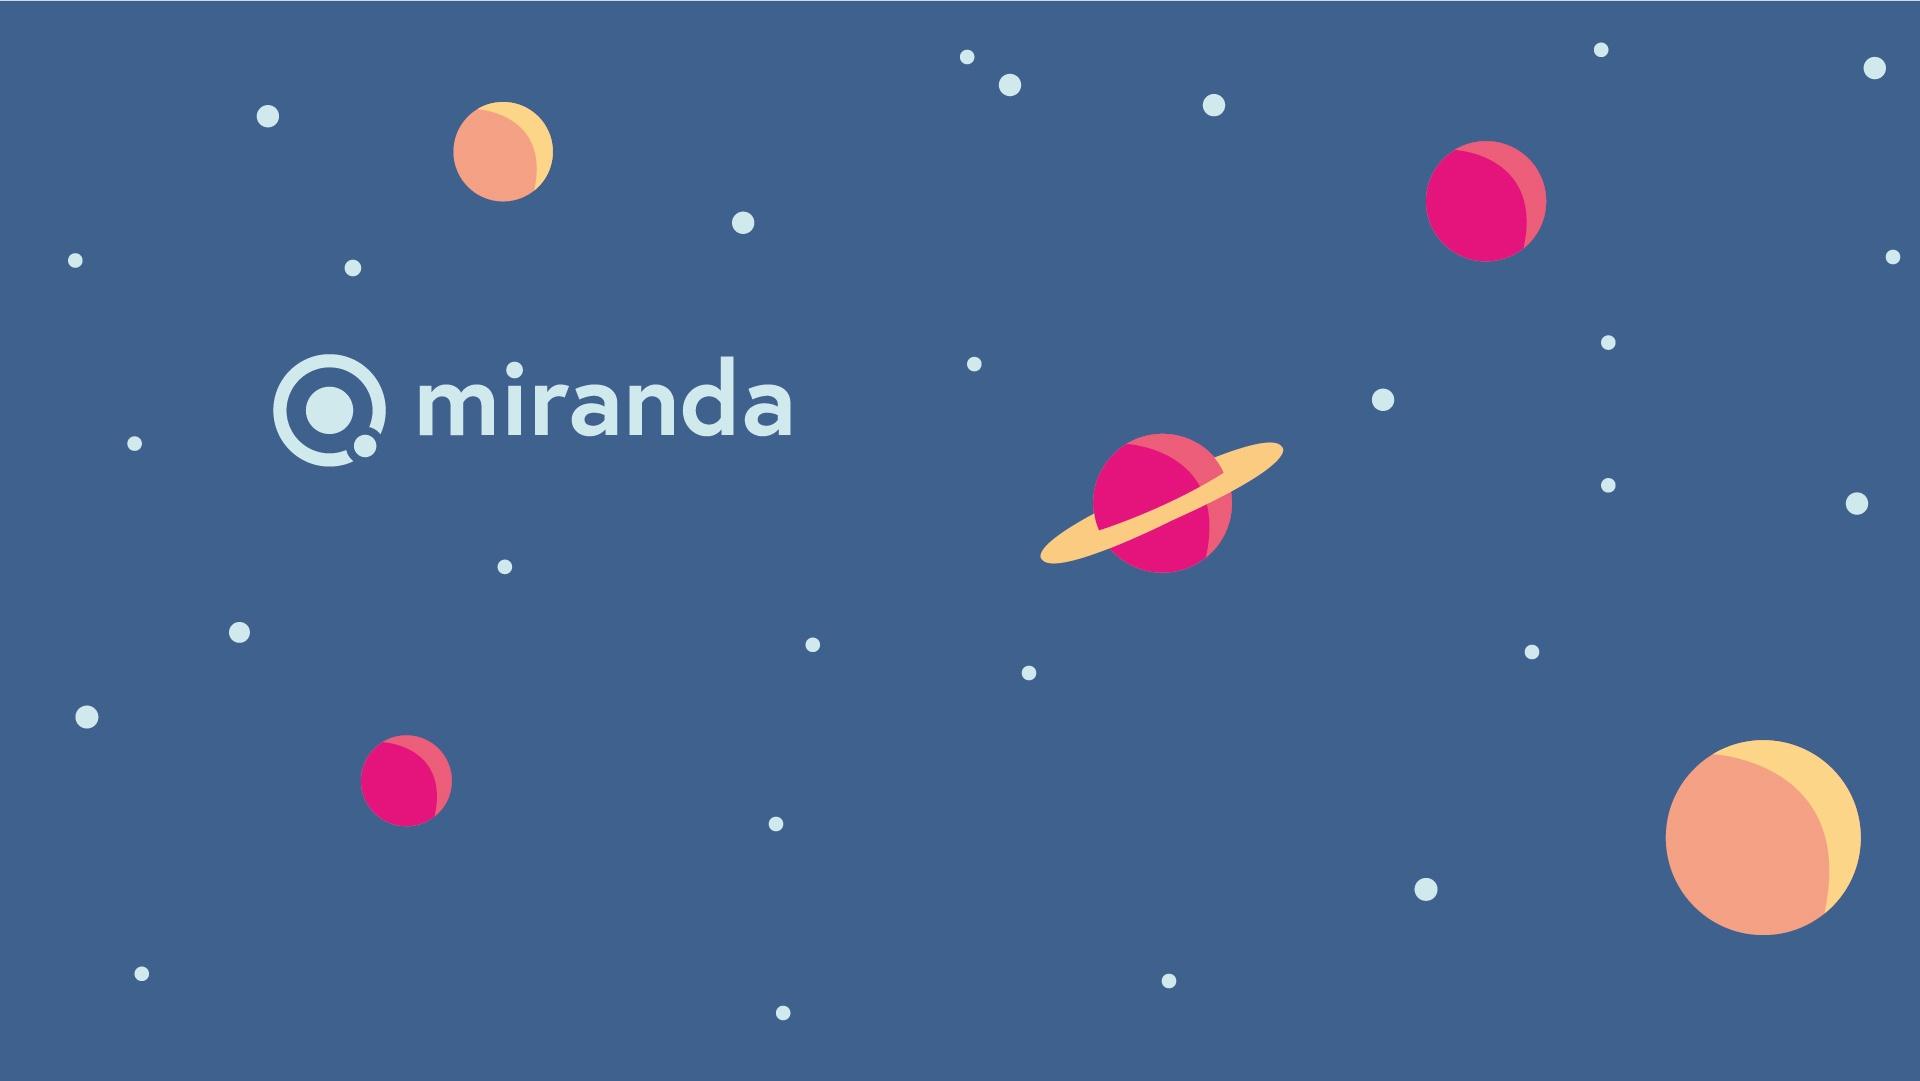 miranda-cover-02.jpg